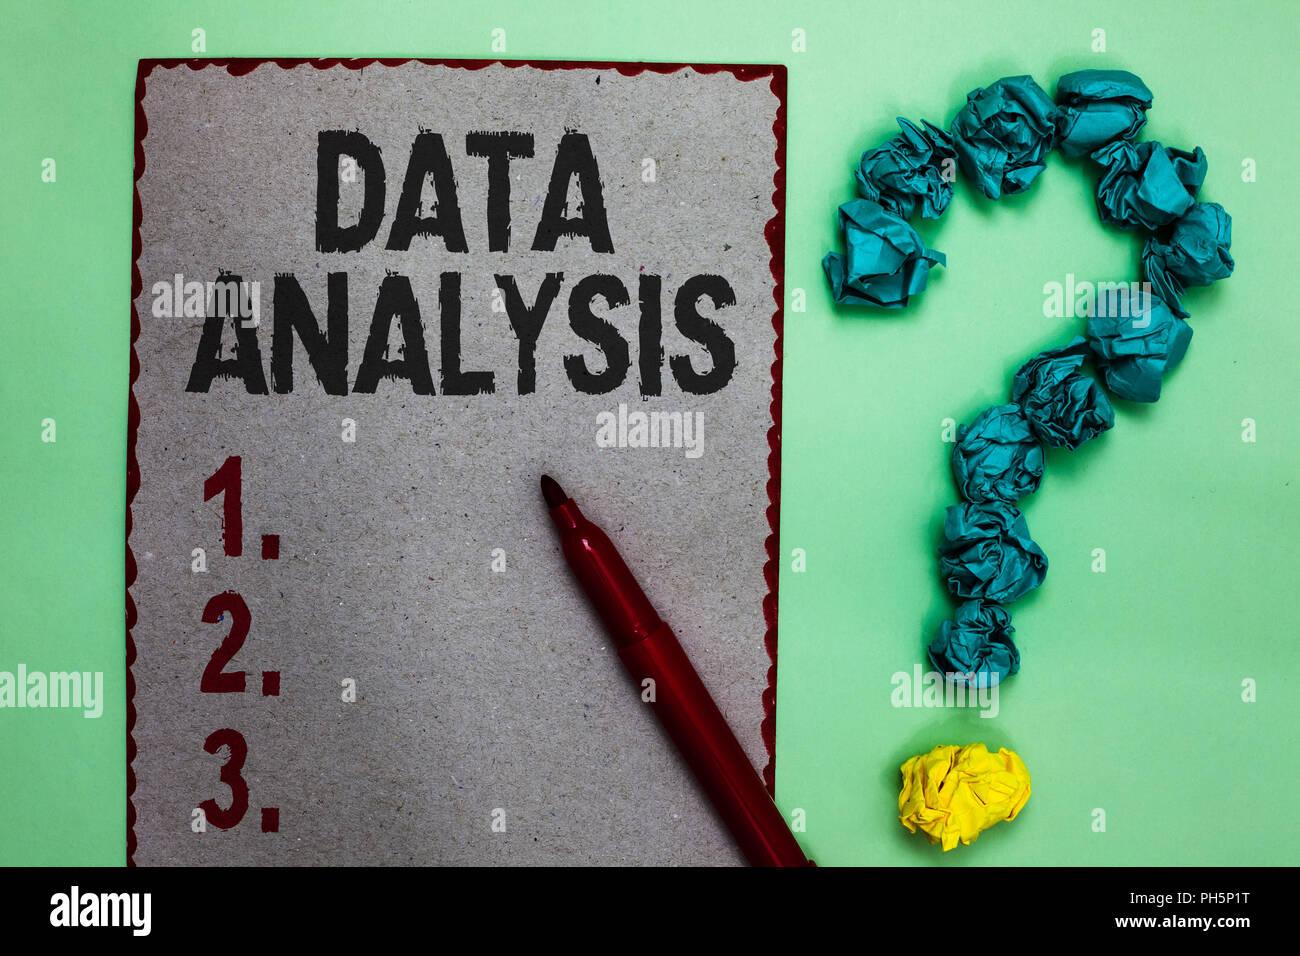 Texte de l'écriture l'écriture l'analyse des données. Sens Concept traduire les chiffres de prévision Conclusion analytique papier froissé gris marqueur papiers formi Banque D'Images